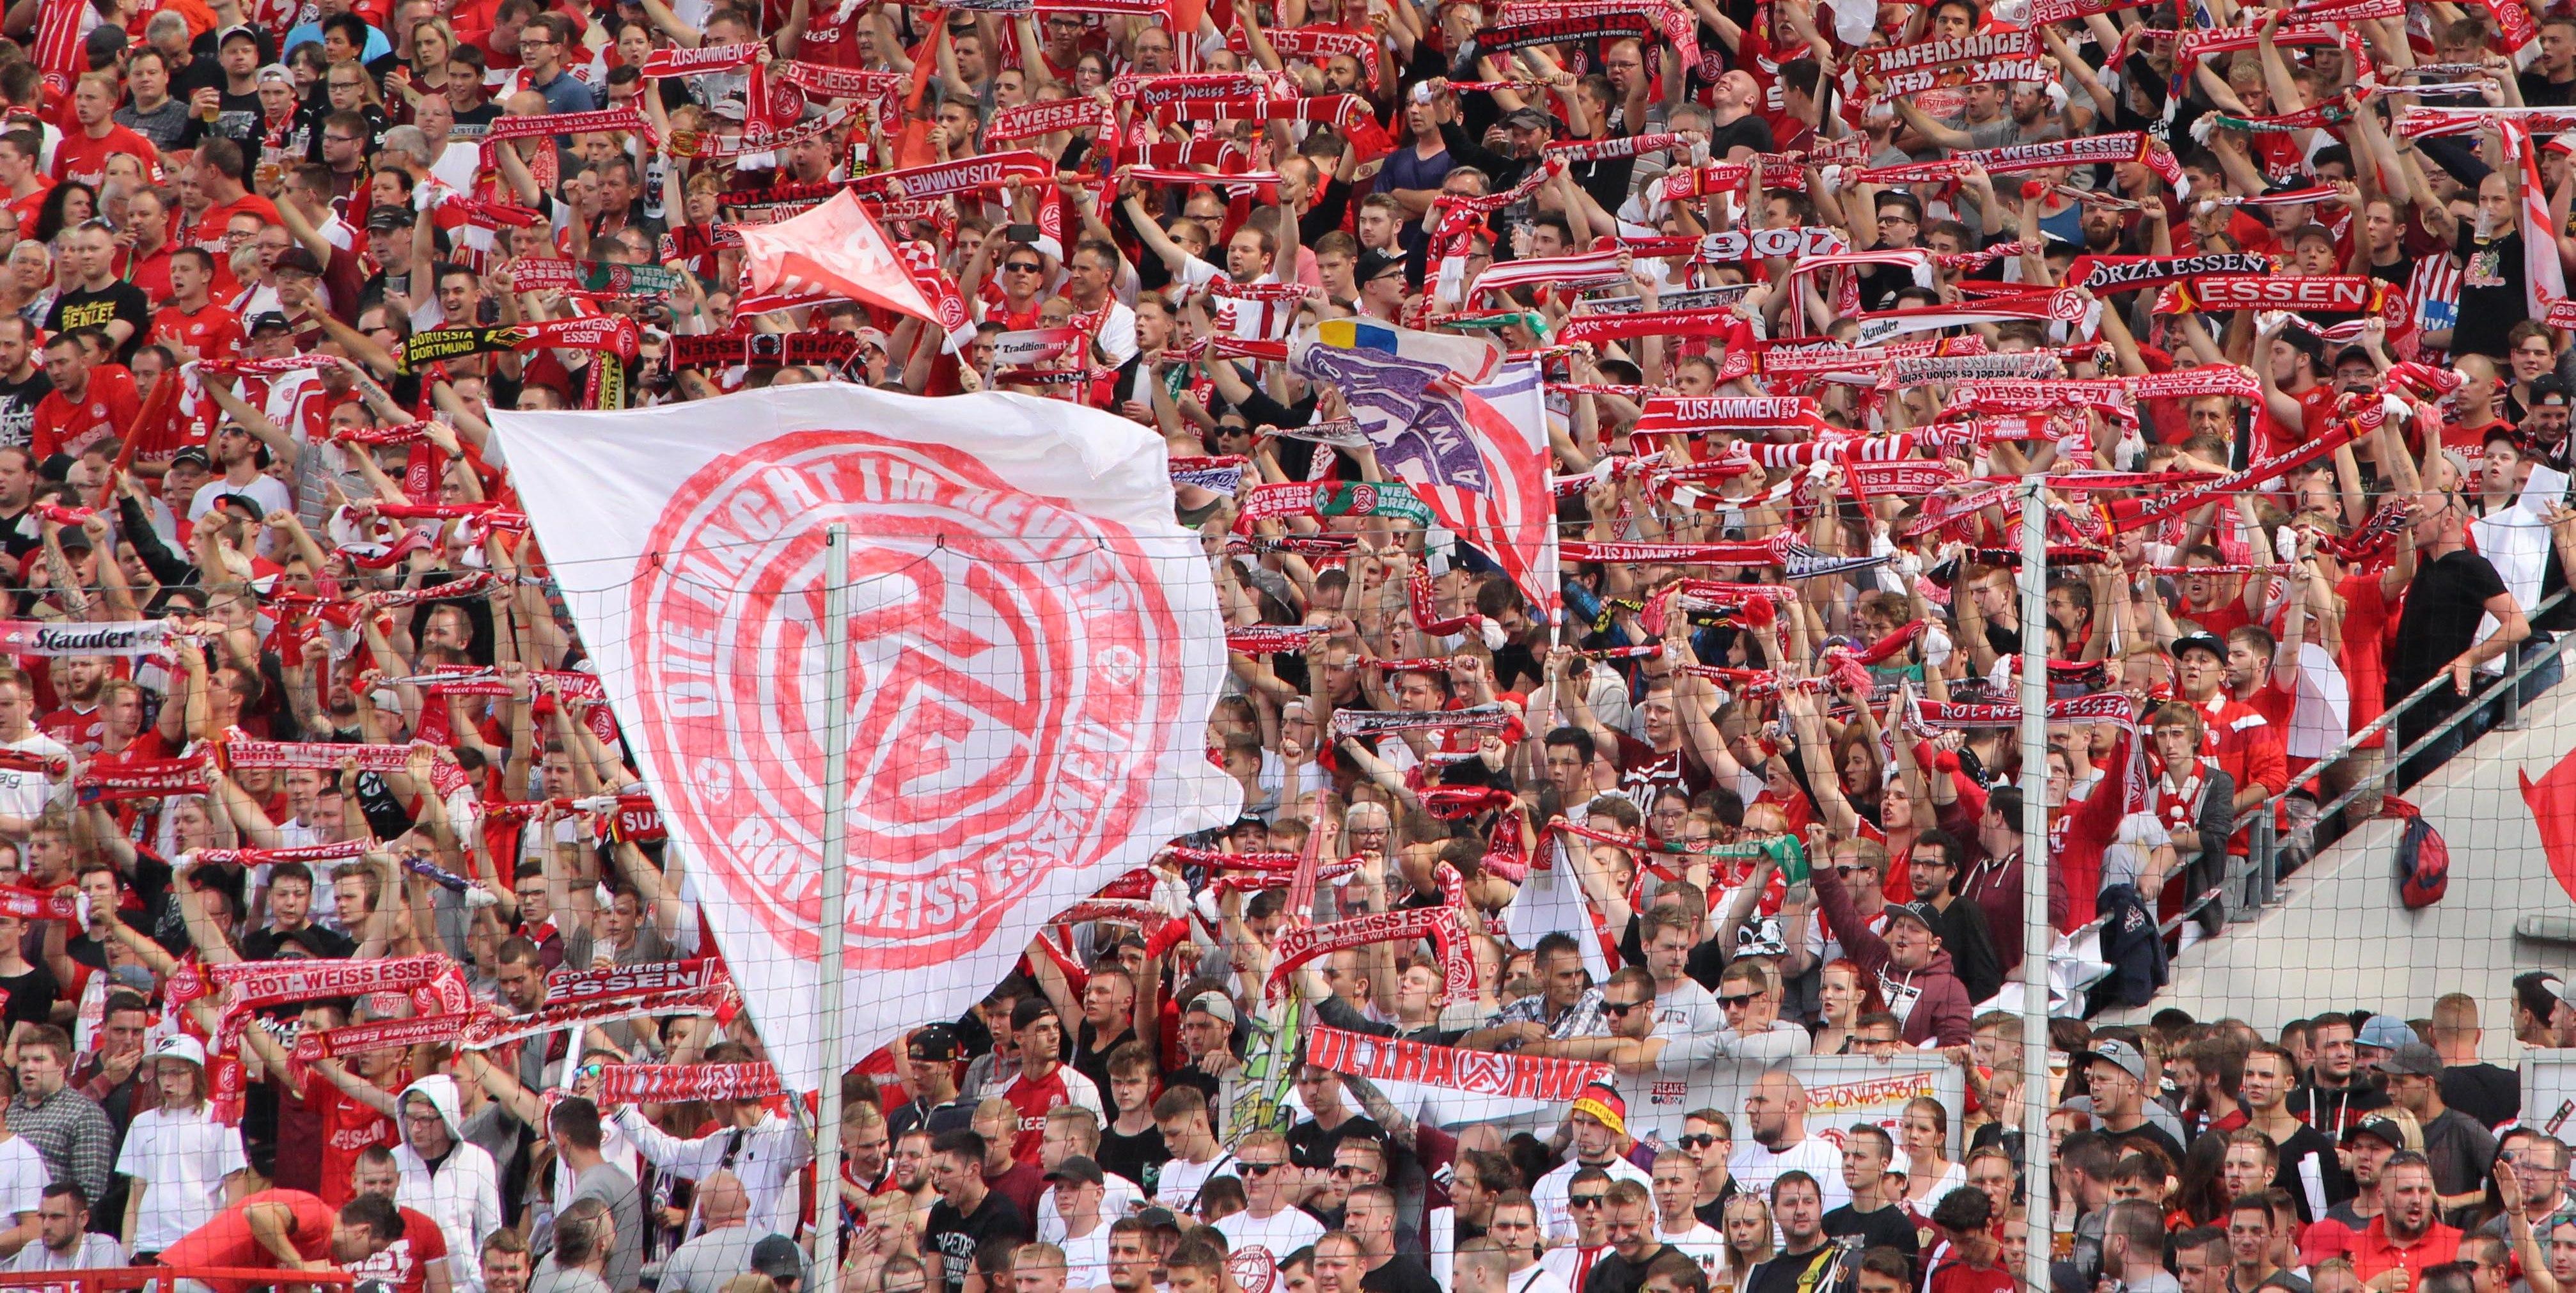 Am morgigen Freitag trifft Rot-Weiss Essen im ersten Testspiel der Wintervorbereitung auf den Zweitligisten Arminia Bielefeld.